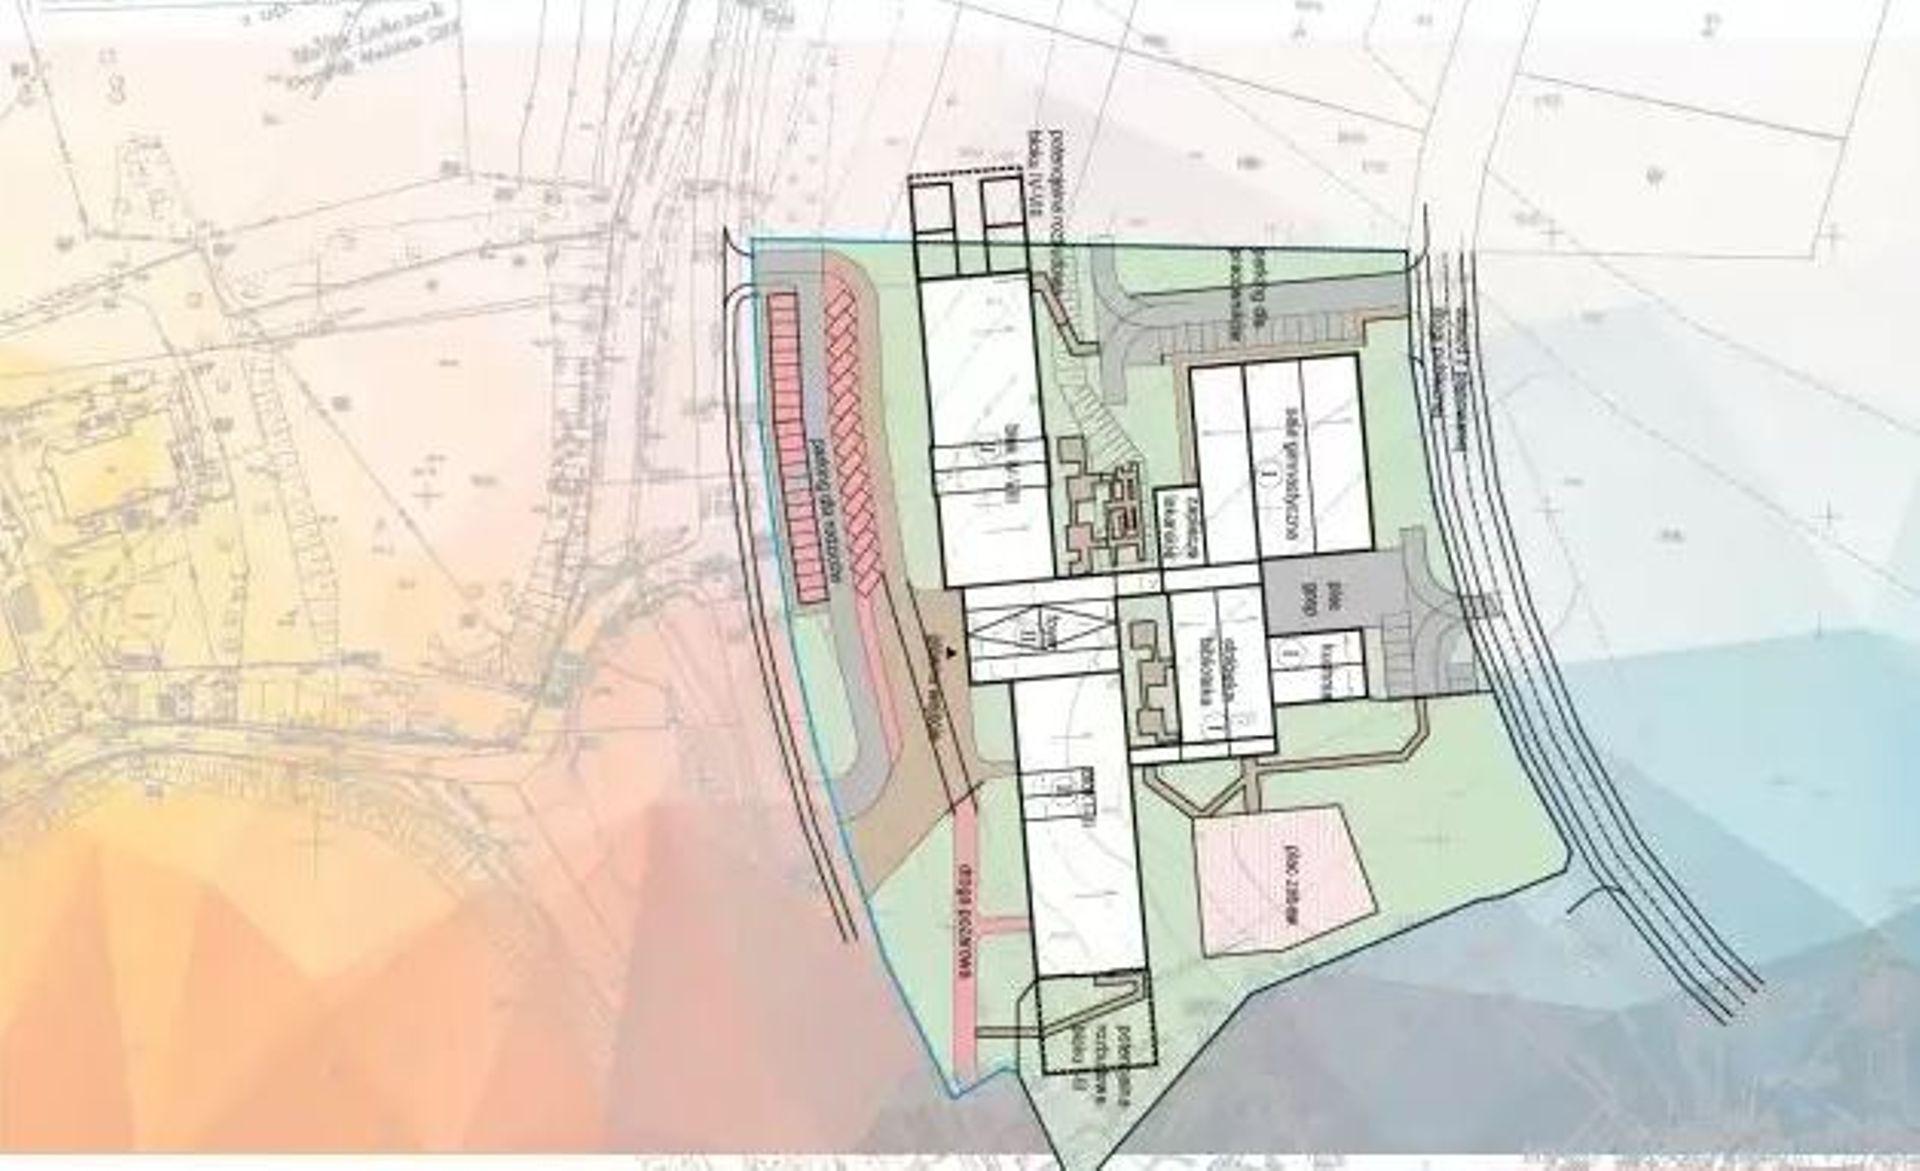 Środa Śląska: Rozstrzygnięto przetarg na opracowanie dokumentacji technicznej budowy nowej szkoły na Winnej Górze